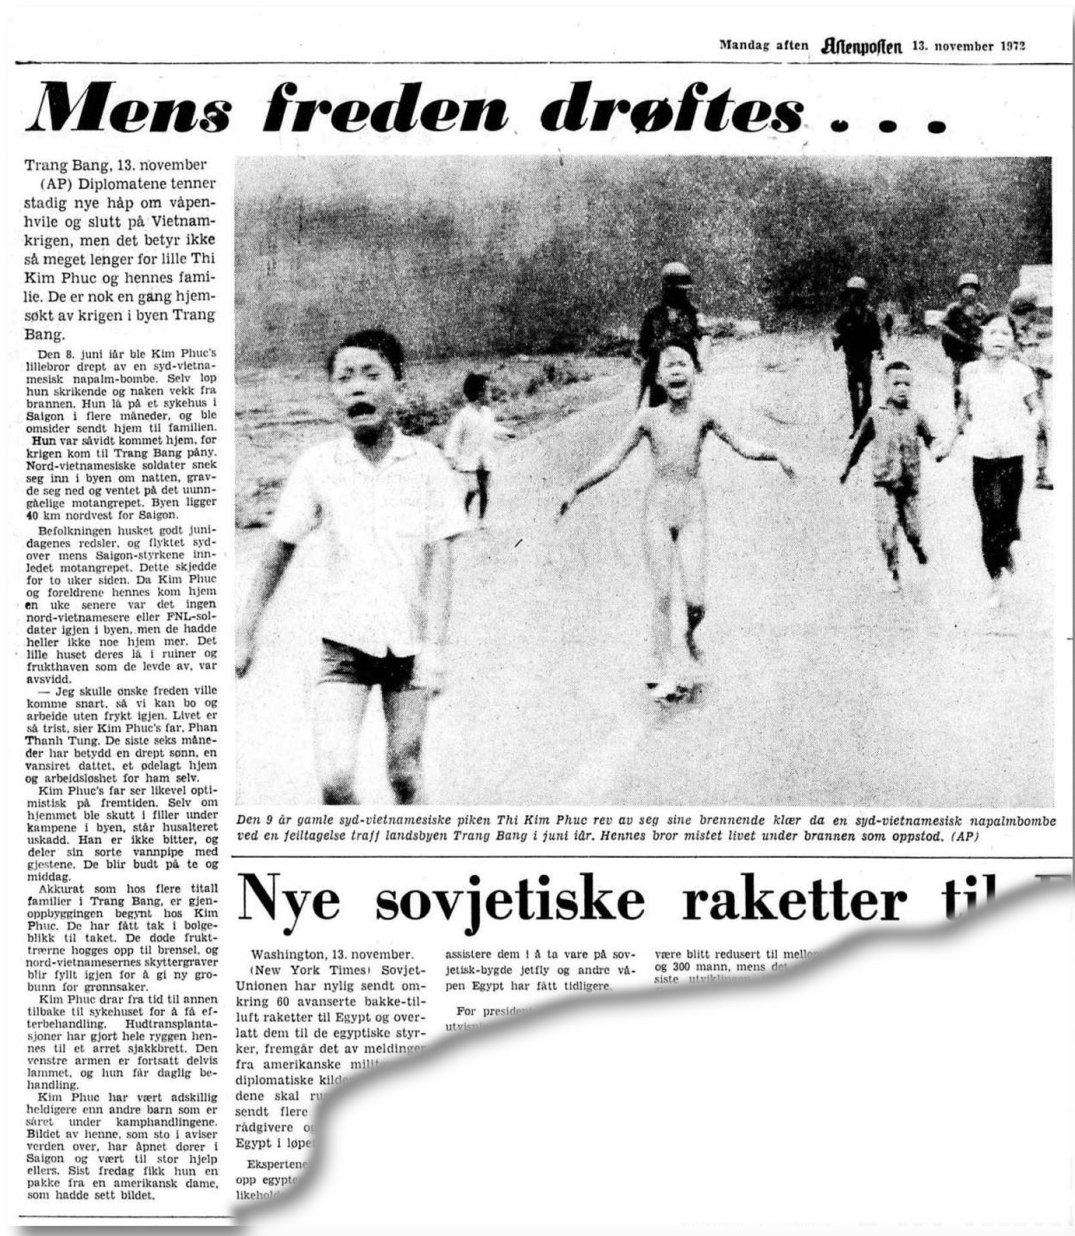 Aftenposten, aftenutgaven mandag 13. november 1972.